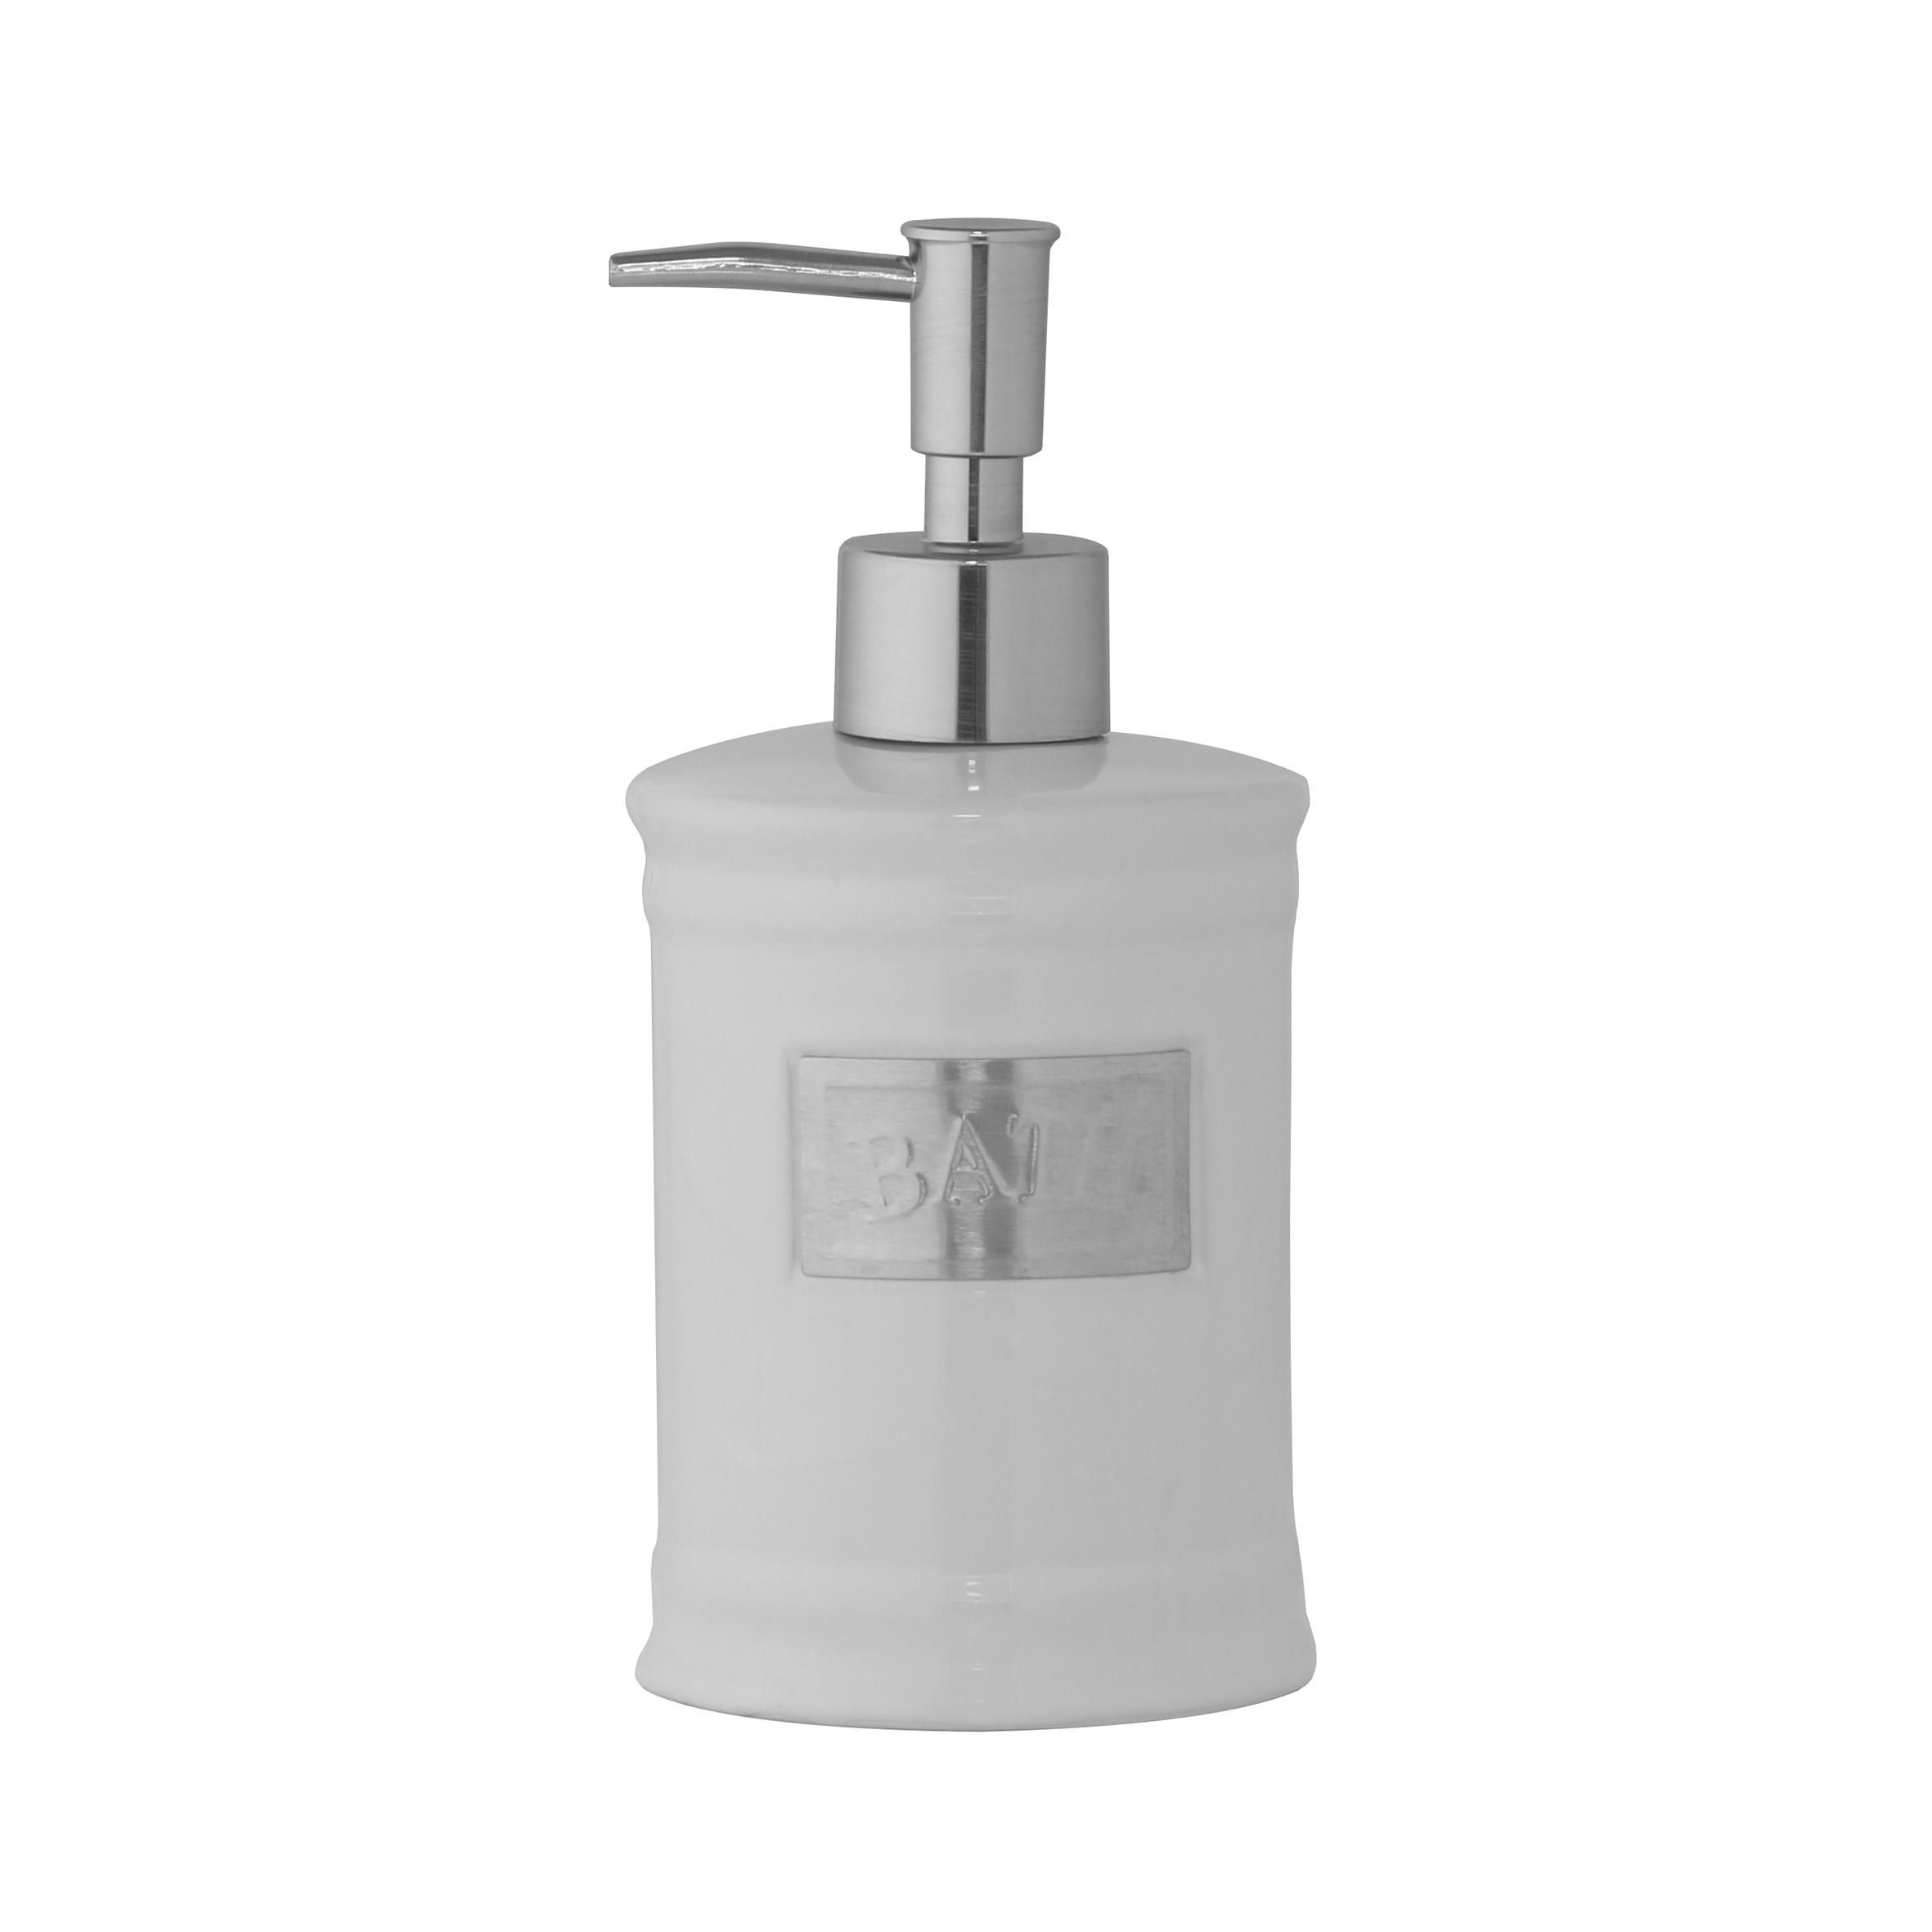 Дозатор для жидкого мыла Axentia Lyon122426Дозатор для жидкого мыла Axentia Lyon изготовлен из белоснежной керамики с элементами из нержавеющей стали в античном стиле. Изделие прекрасно дополнит интерьер вашей ванной комнаты или кухни. Высота дозатора: 18 см.